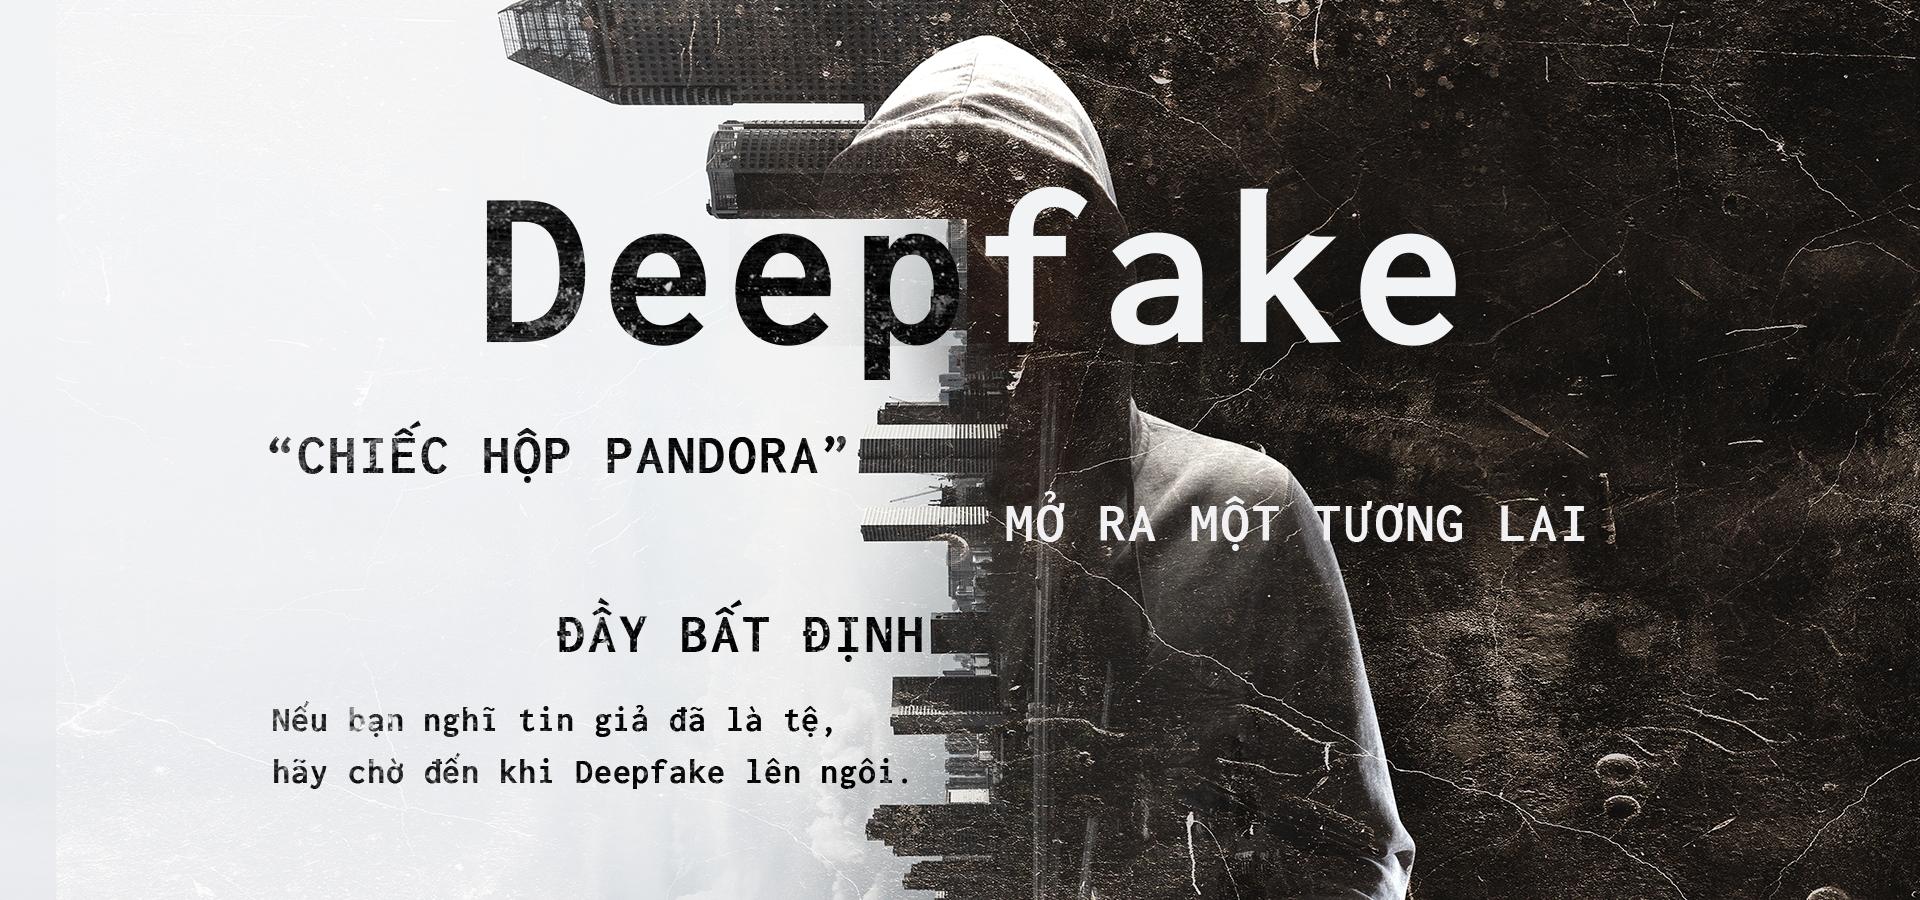 'Chiếc hộp Pandora' mở ra một tương lai đầy bất định - Deepfake